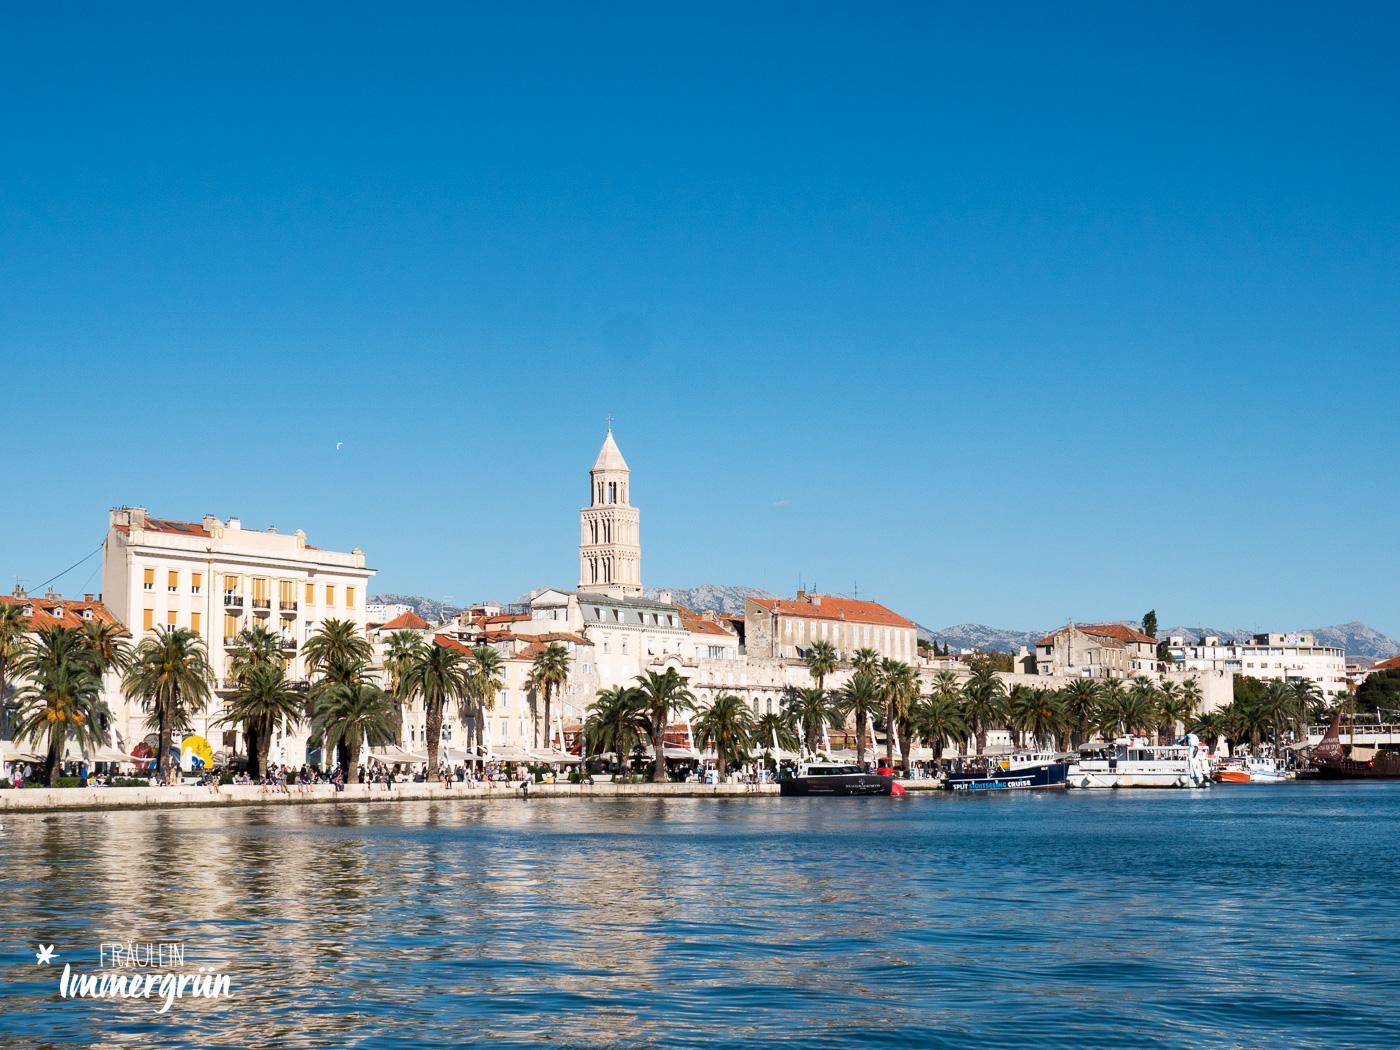 Dalmatien in Kroatien: Urlaub an der dalmatinischen Küste in der Nebensaison – Split